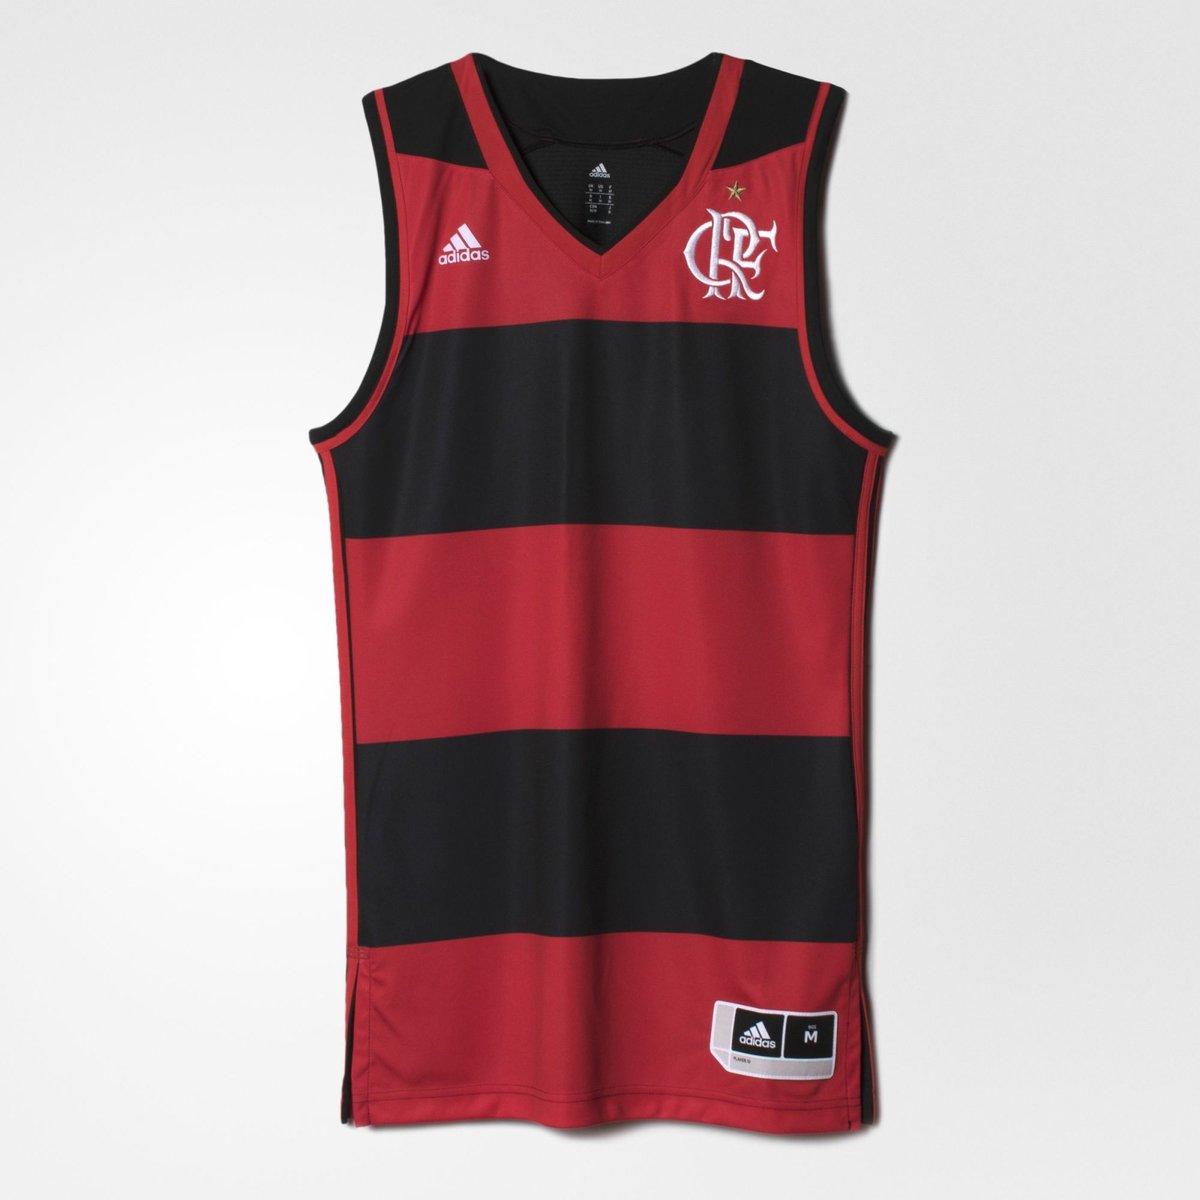 e070883cf Regata Basquete Flamengo RPL I Adidas 2016 - Compre Agora